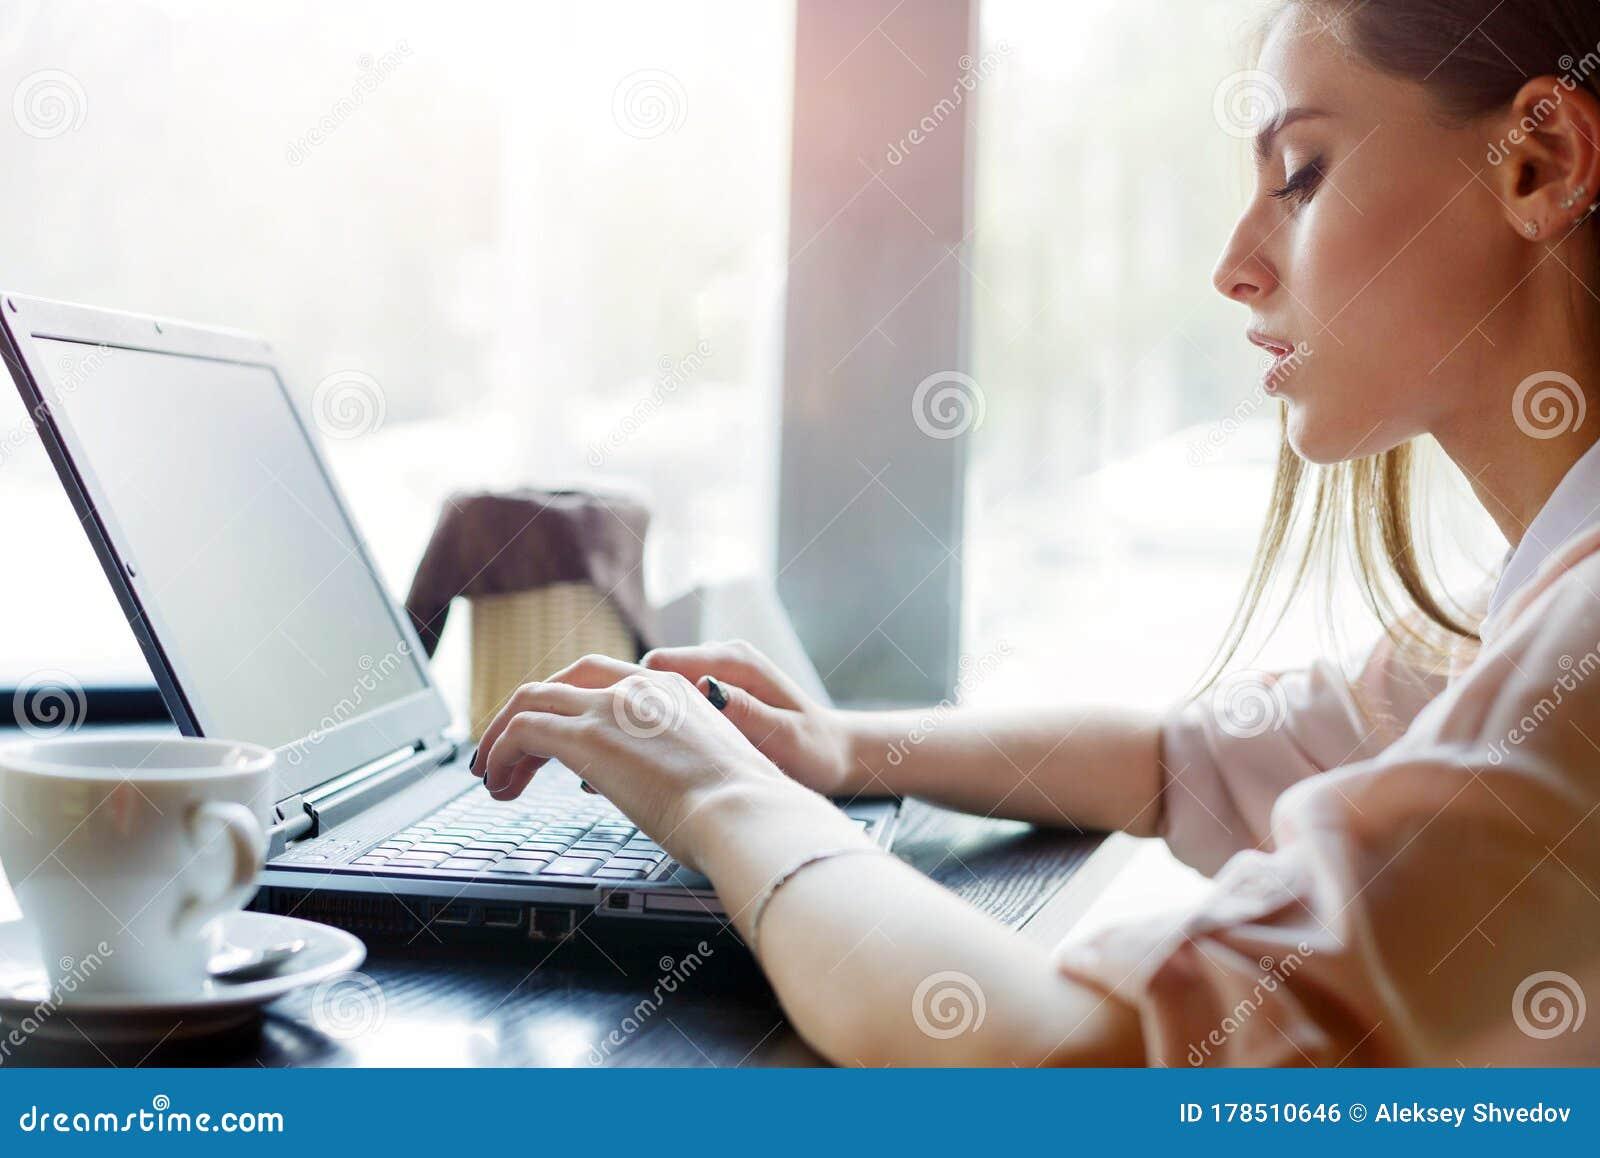 Фото девушки на работе за столом девушка в пиджаке на работе